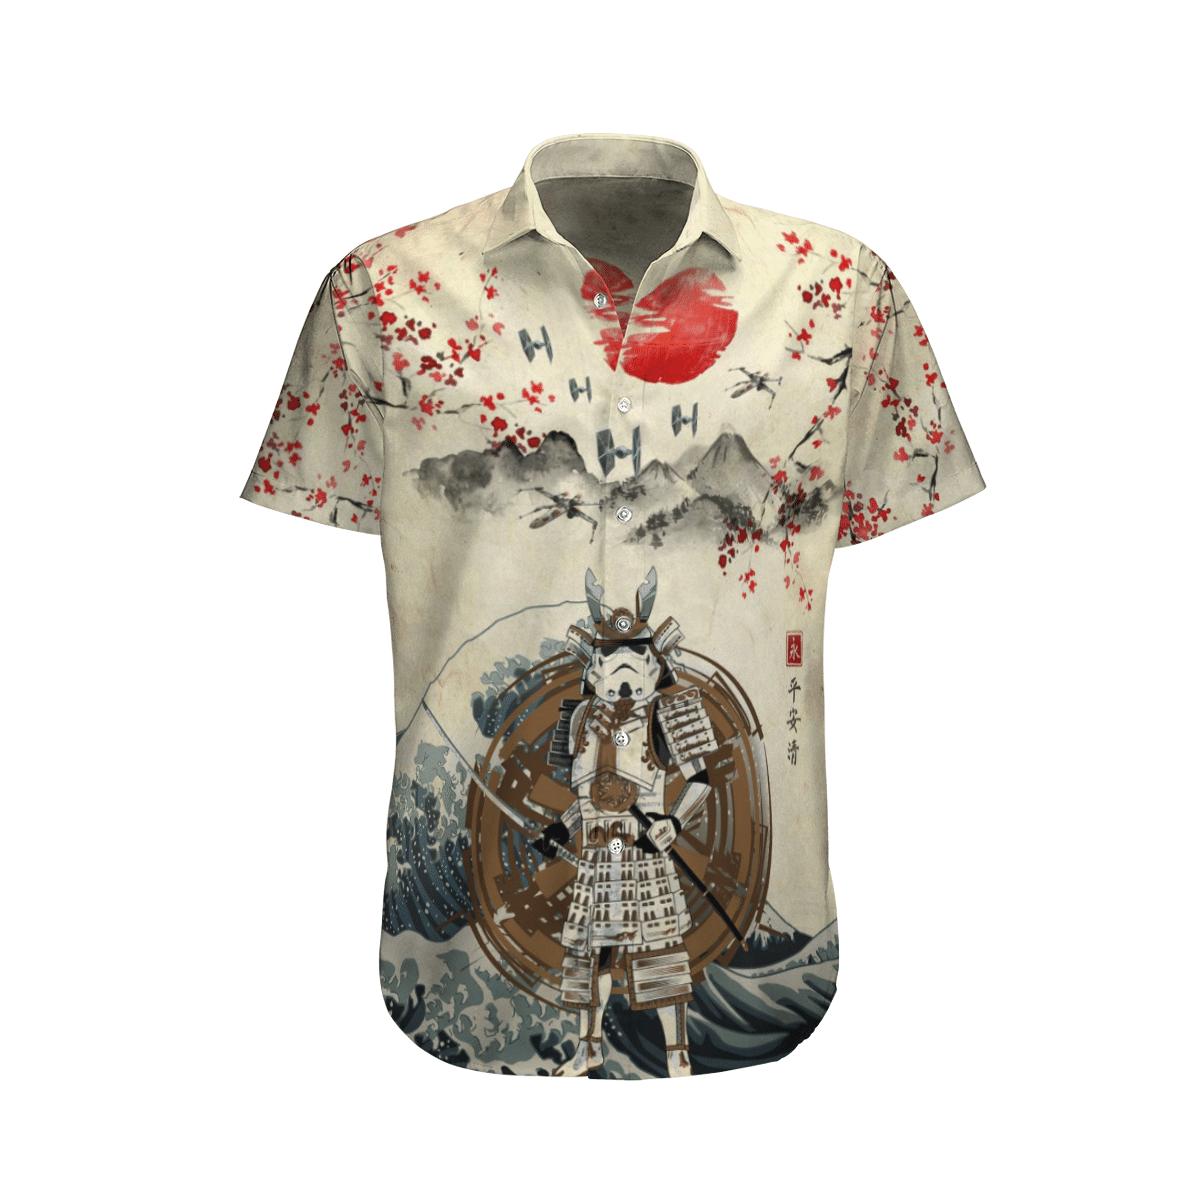 Star wars Japan Samurai Hawaiian shirt